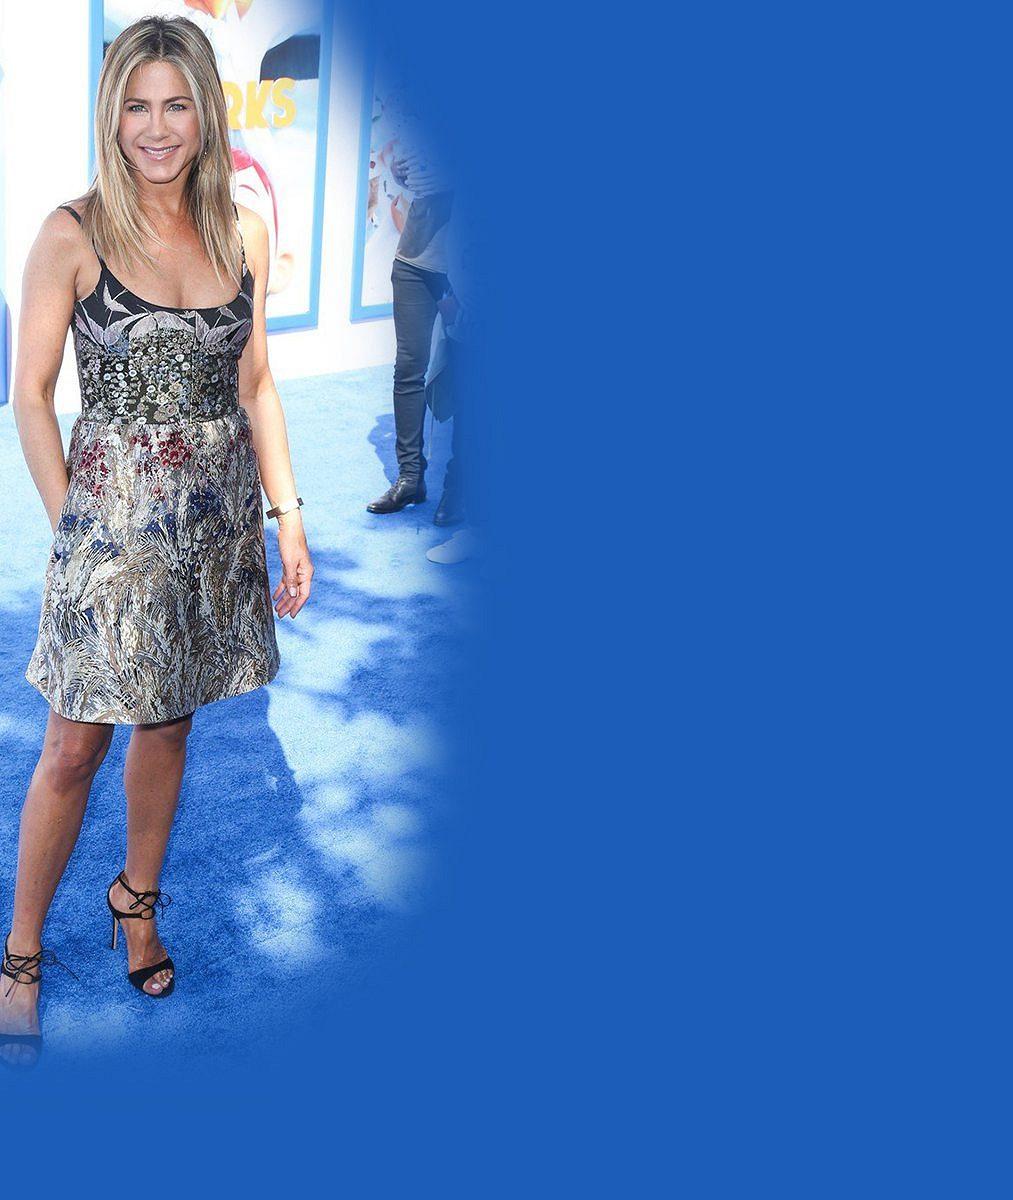 Tenhle pohled nikdy neomrzí: Jennifer Aniston (50) se ukázala vpodprsence, kterou běžně vůbec nenosí